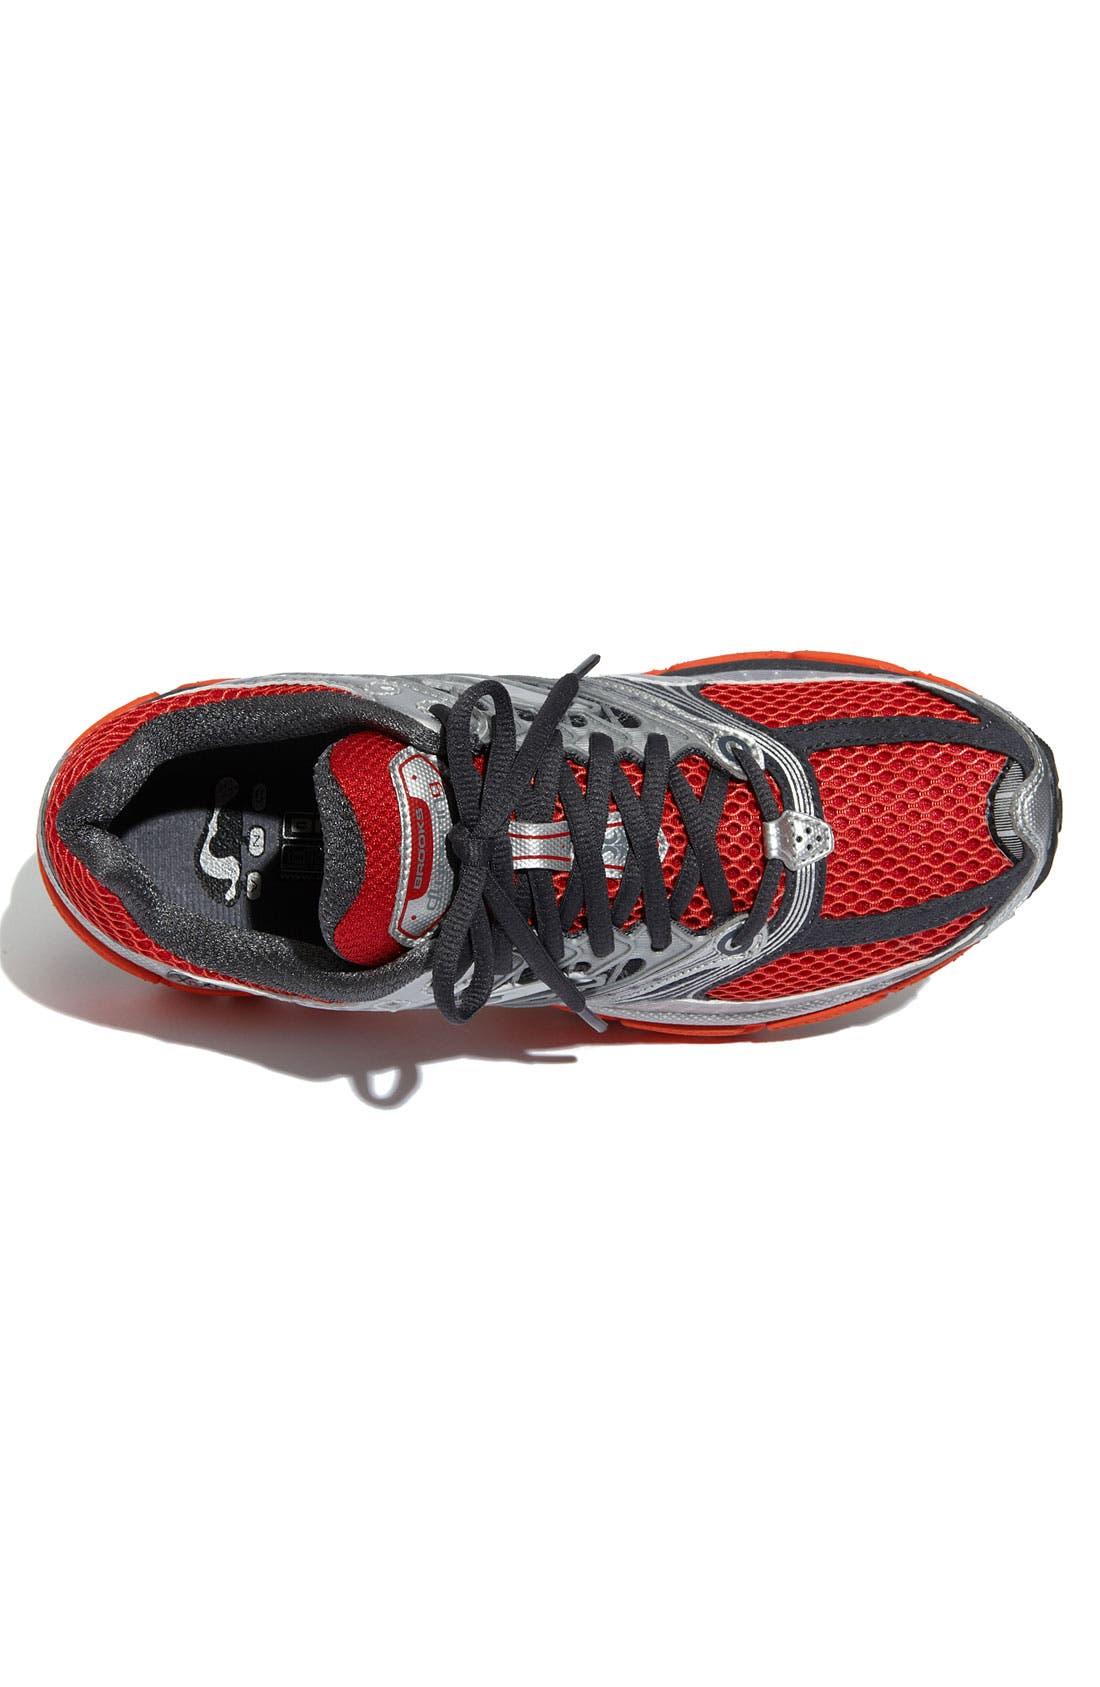 Alternate Image 3  - Brooks 'Glycerin 9' Running Shoe (Men)